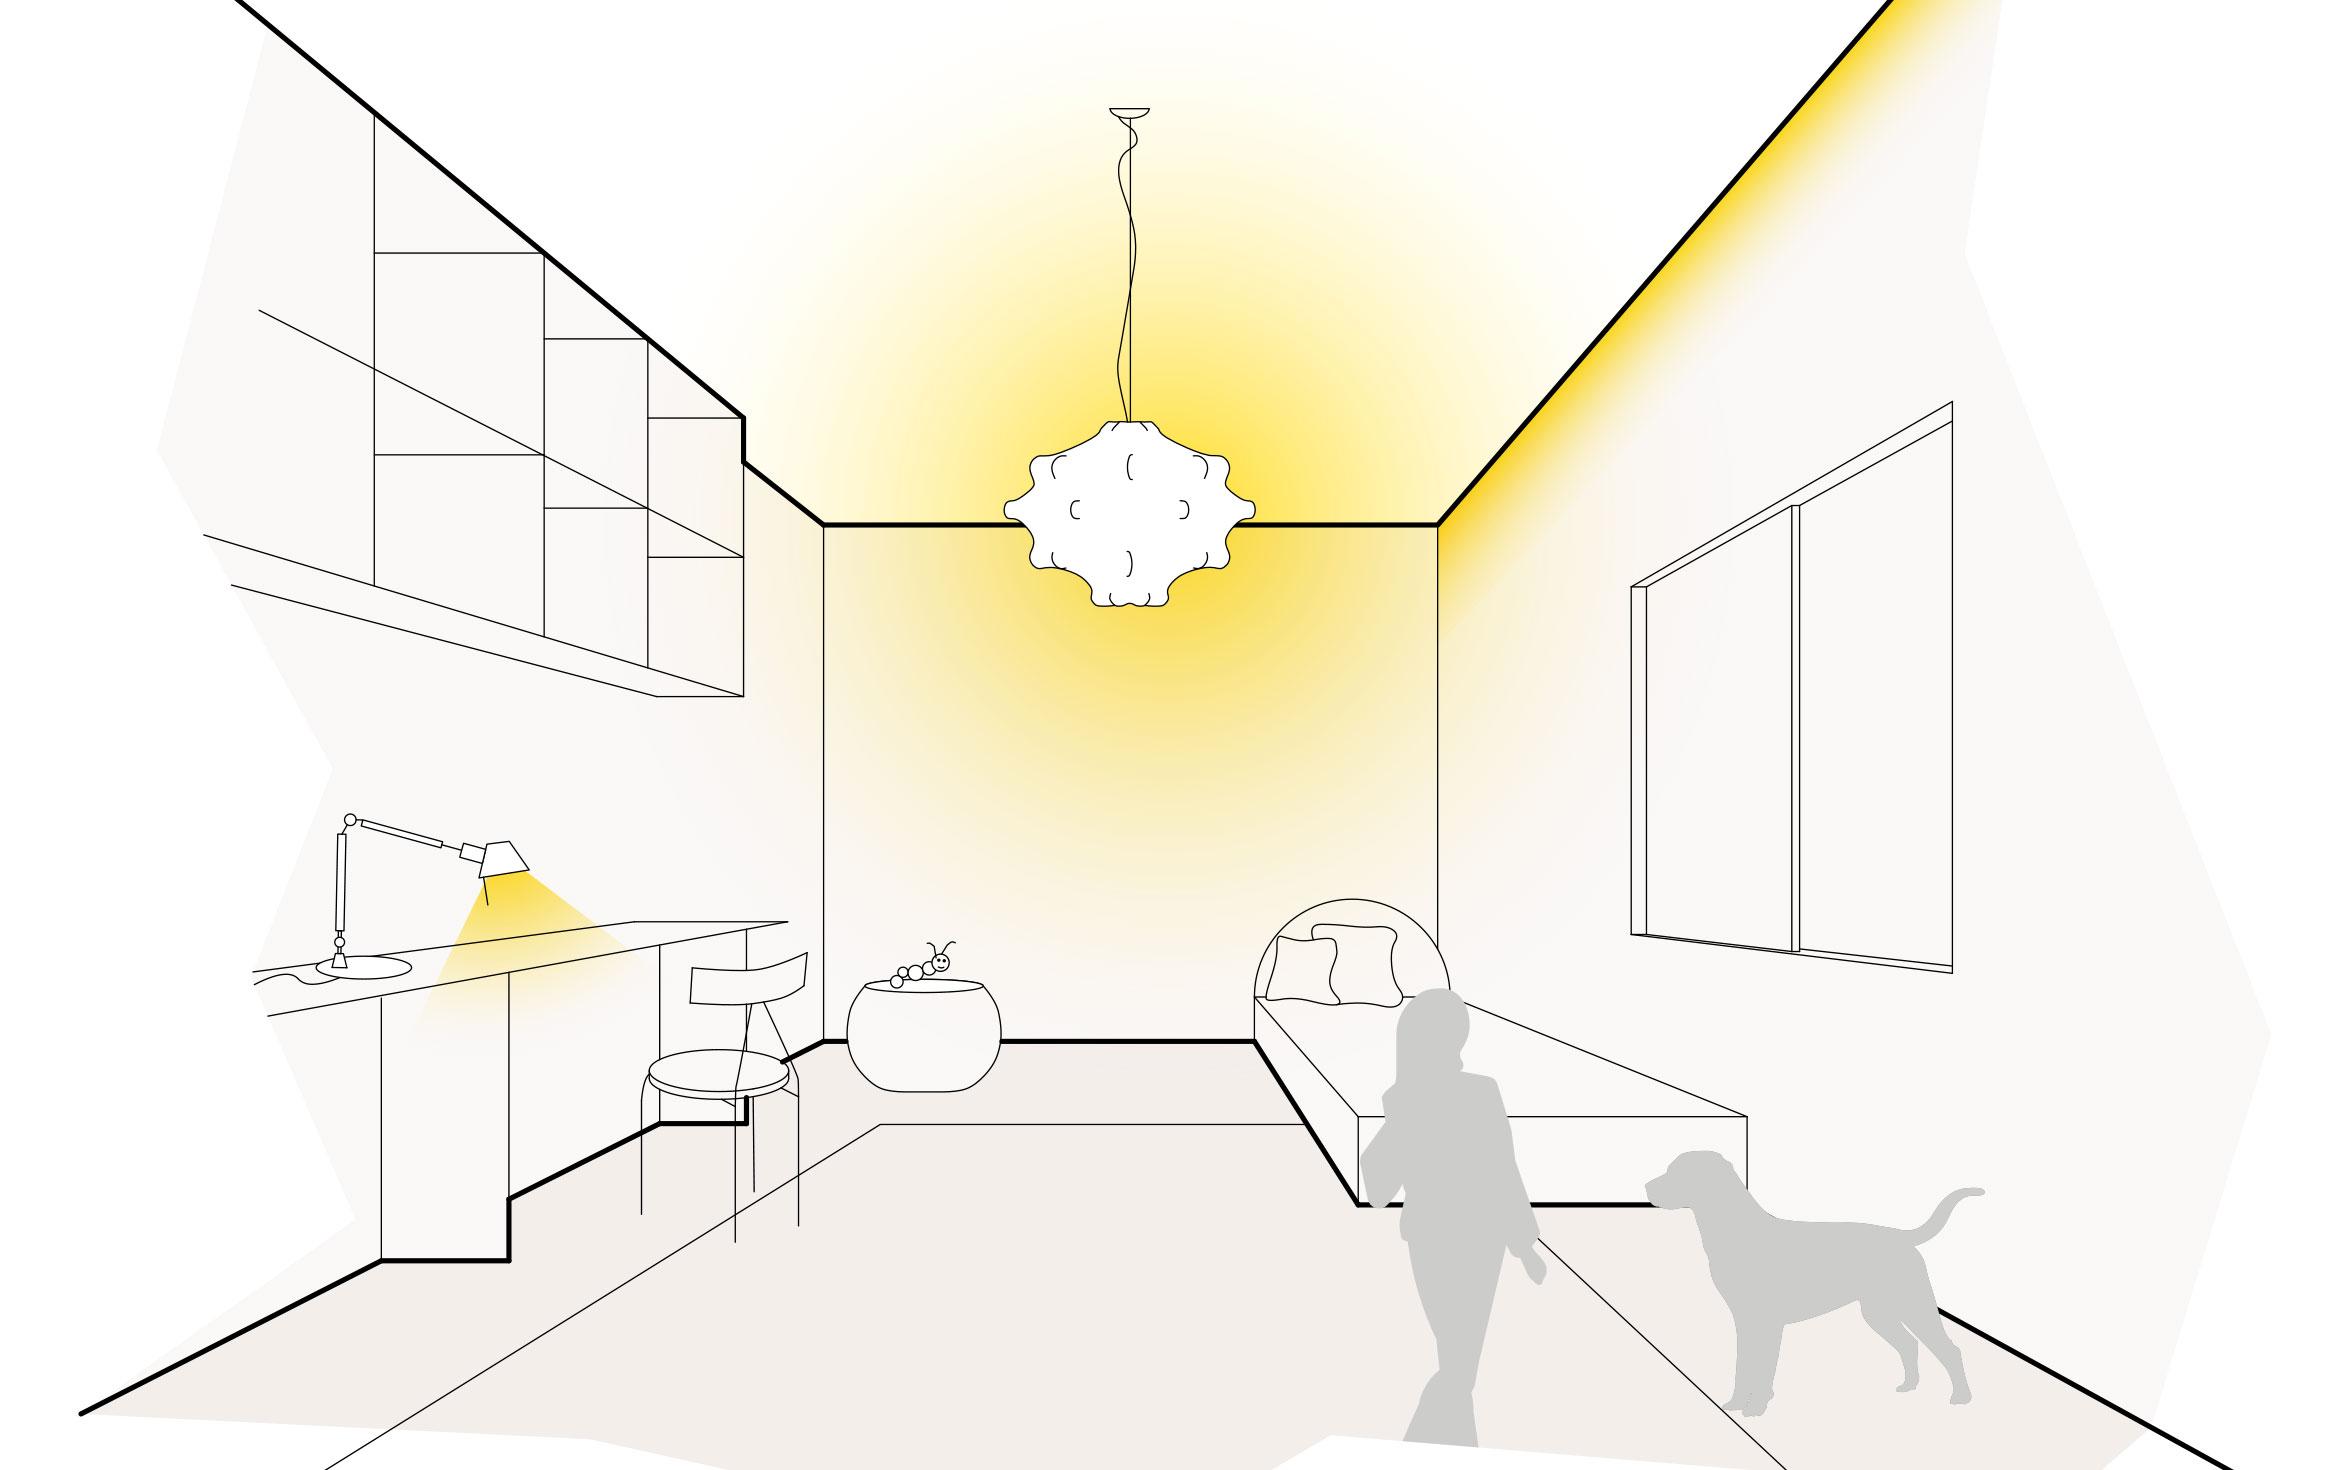 Lichtszene Kinderzimmer